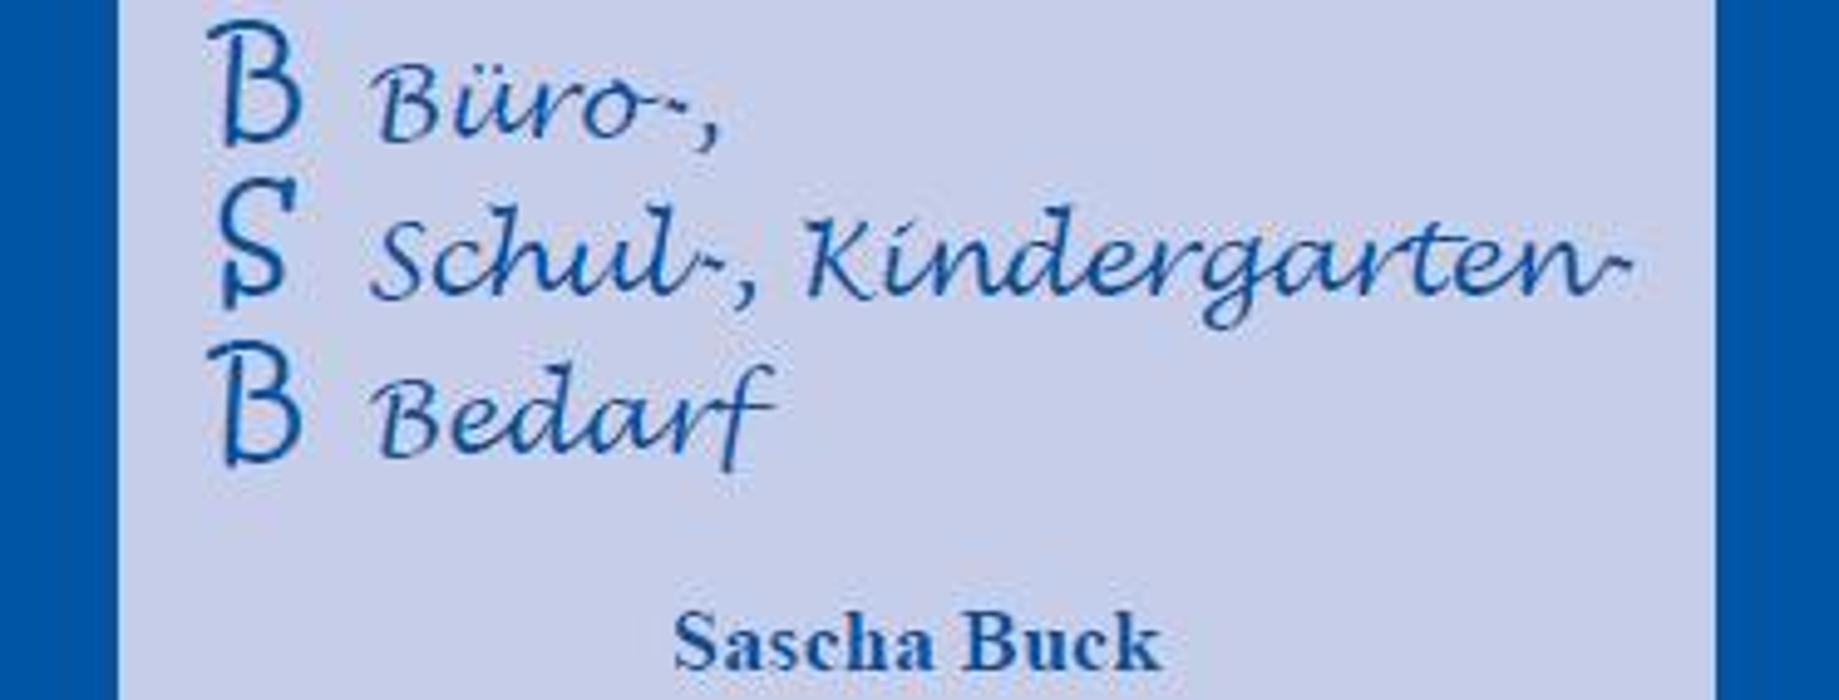 Bild zu Sascha Buck - BSB - Büro-,Schul-,Kindergartenbedarf in Nindorf bei Neumünster